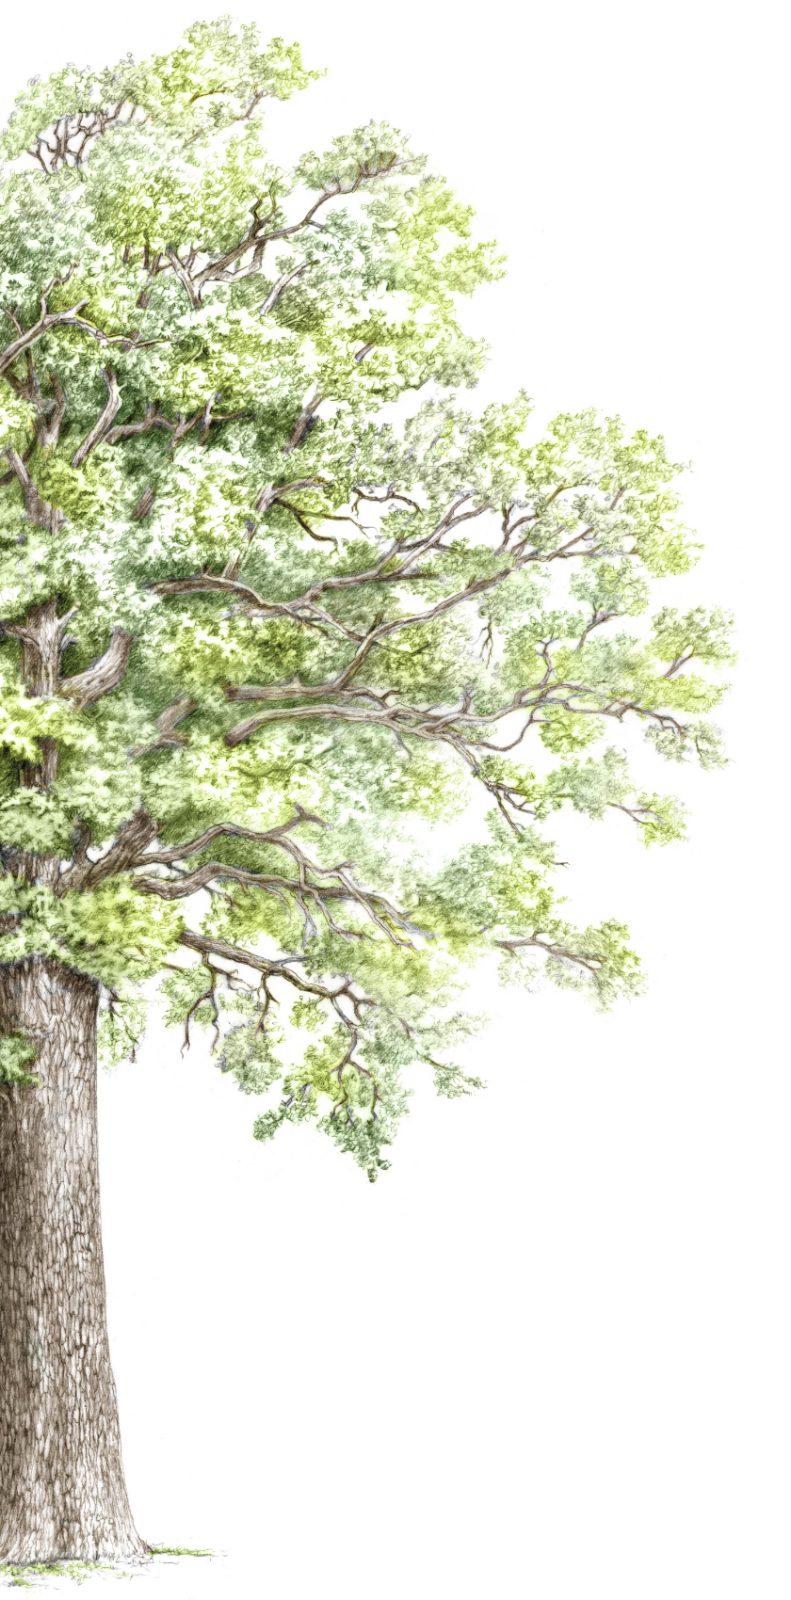 </p> <h1>Tonnellerie Baron, fabricant de barriques d'exception en bois de chêne de haute qualité depuis 1875</h1> <p>